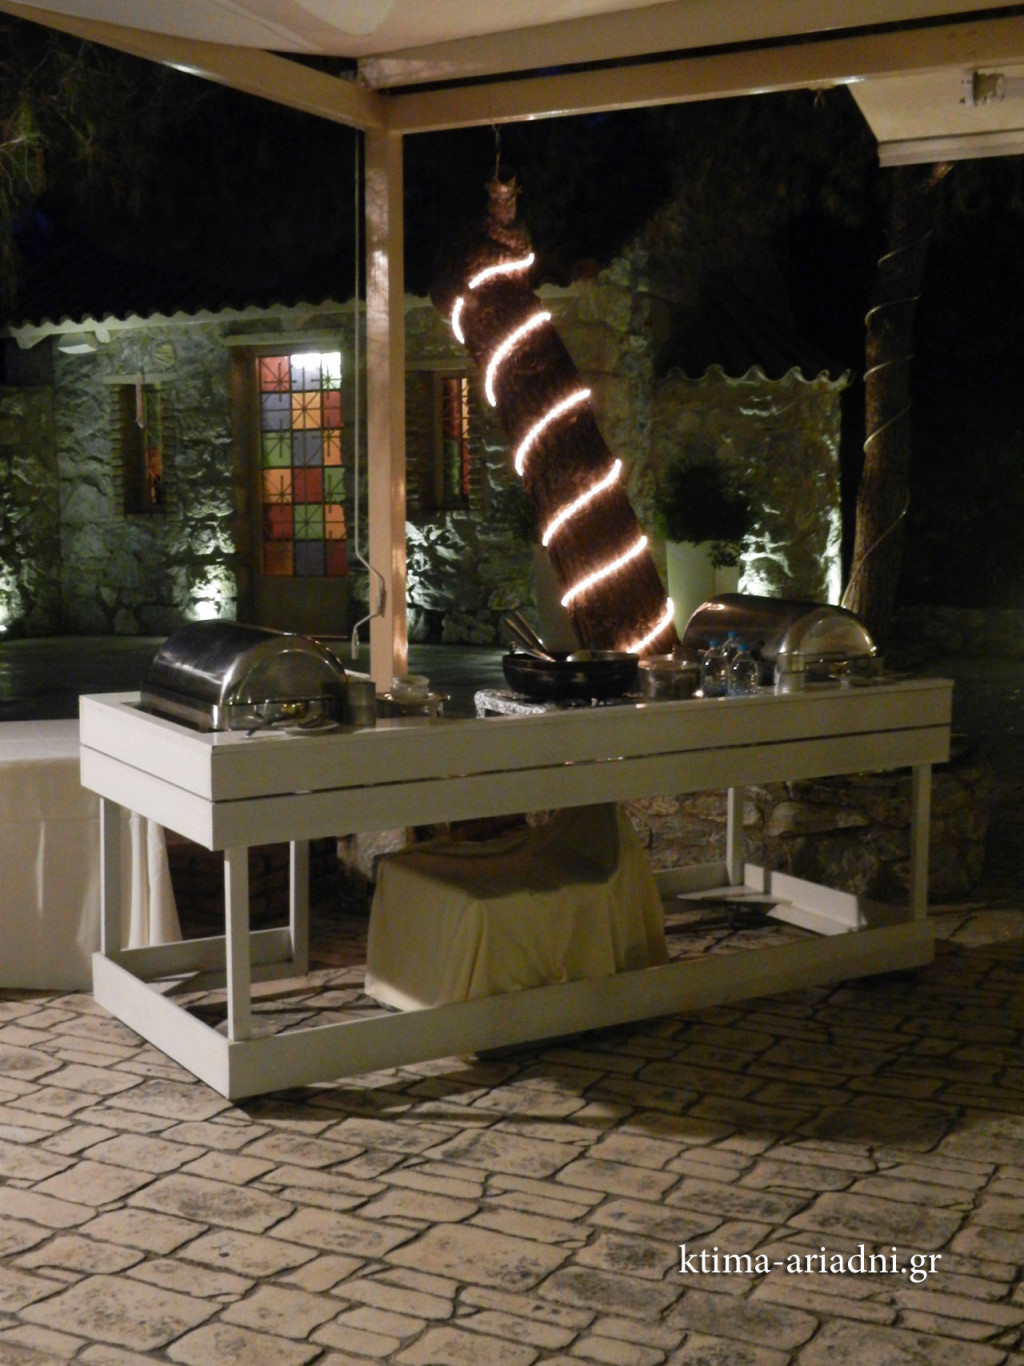 Το live cooking stand στο ωραιότερο σημείο, μπροστά από το εκκλησάκι του Αγ. Γεωργίου με τα όμορφα βιτρώ.